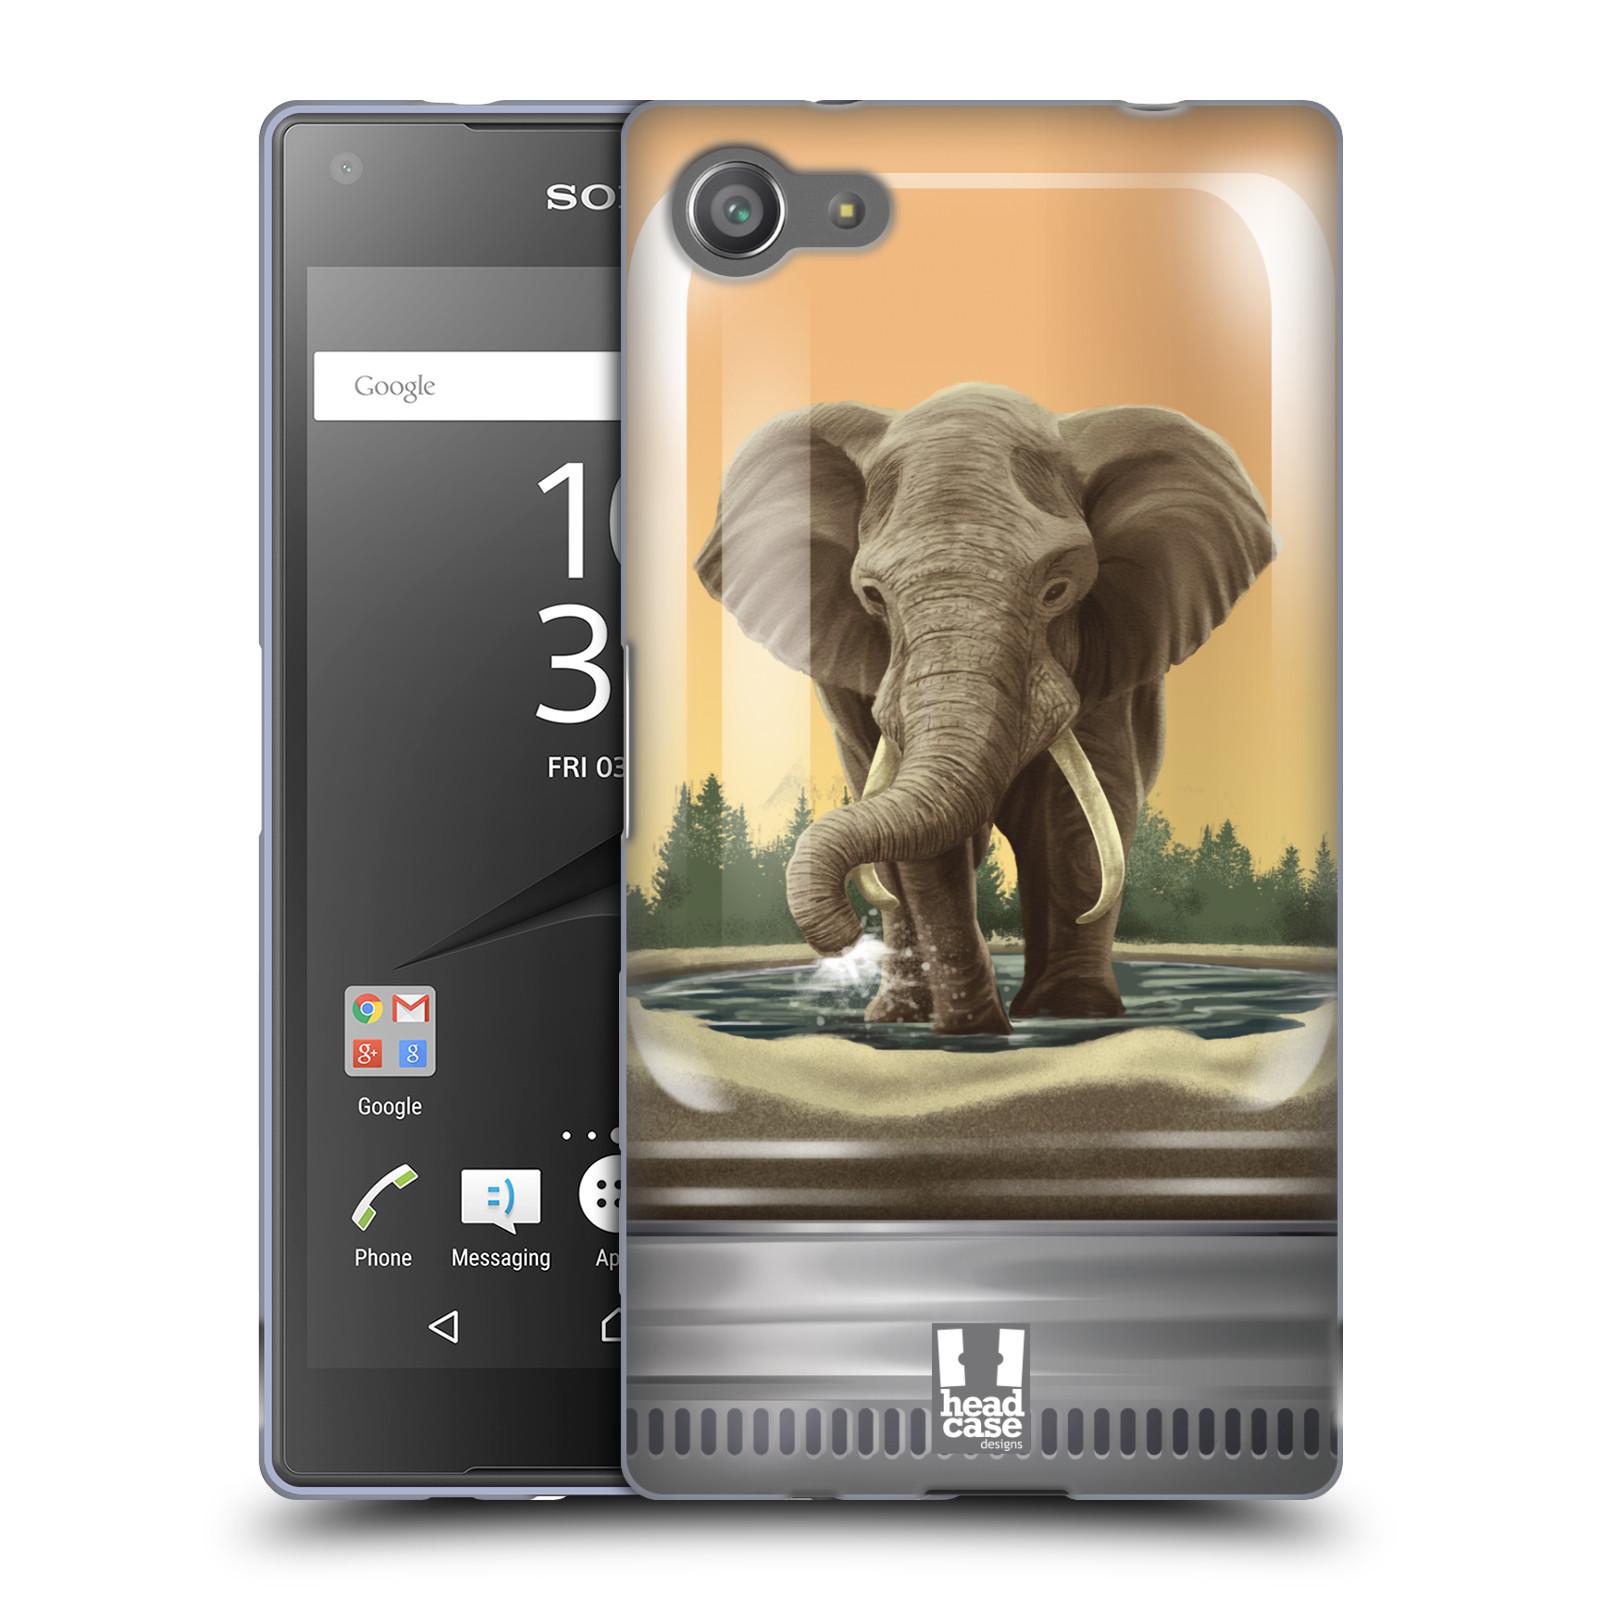 HEAD CASE silikonový obal na mobil Sony Xperia Z5 COMPACT vzor Zvířátka v těžítku slon